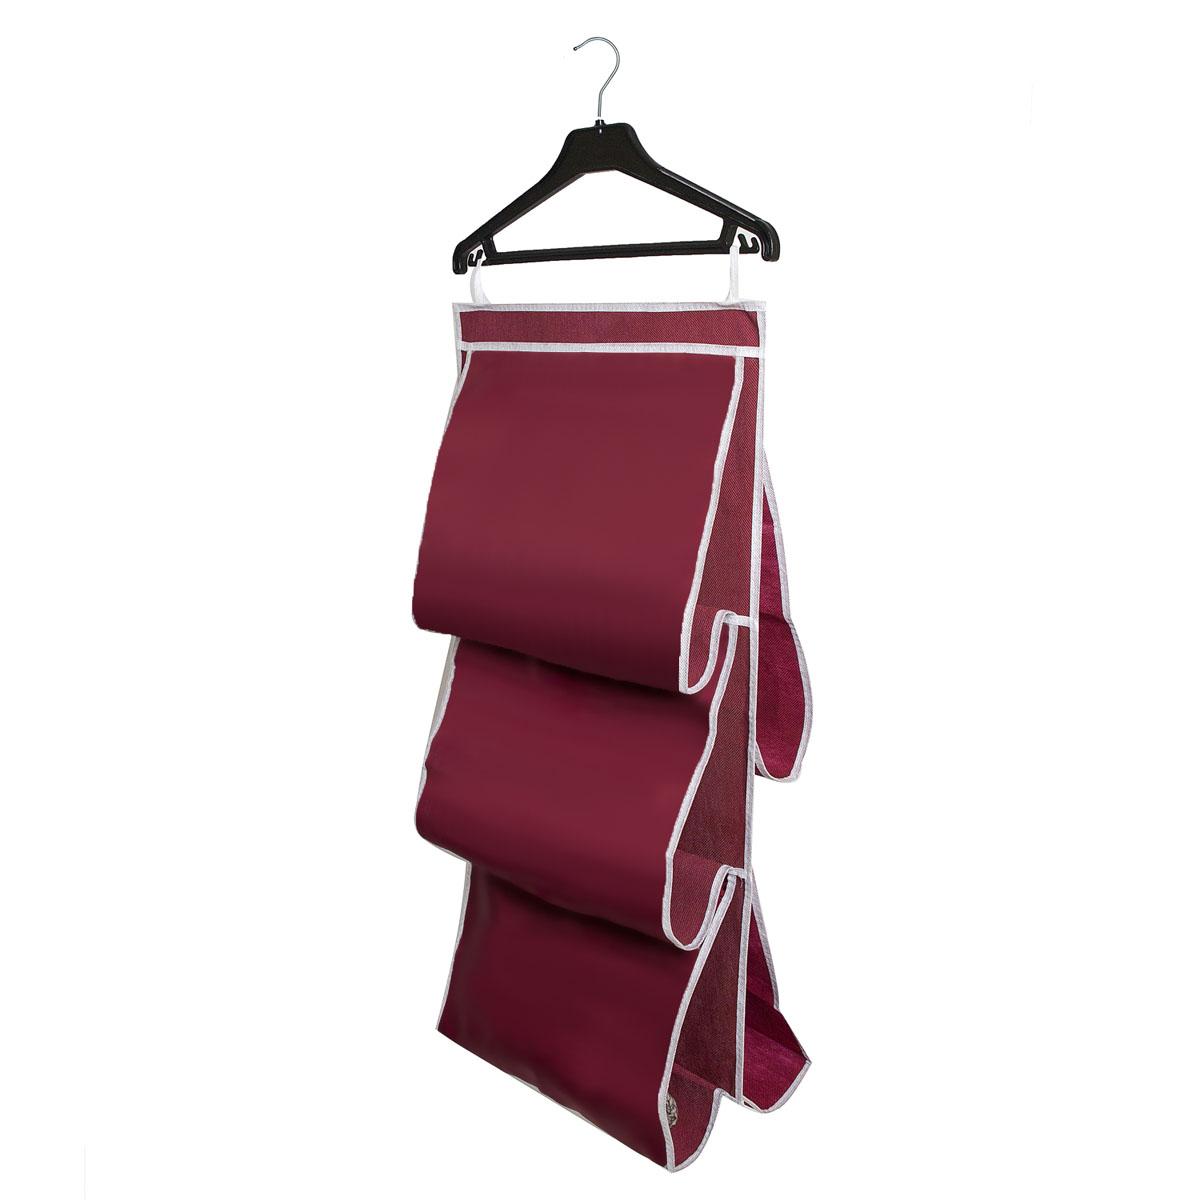 Как сшить органайзер подвесной для сумок 34